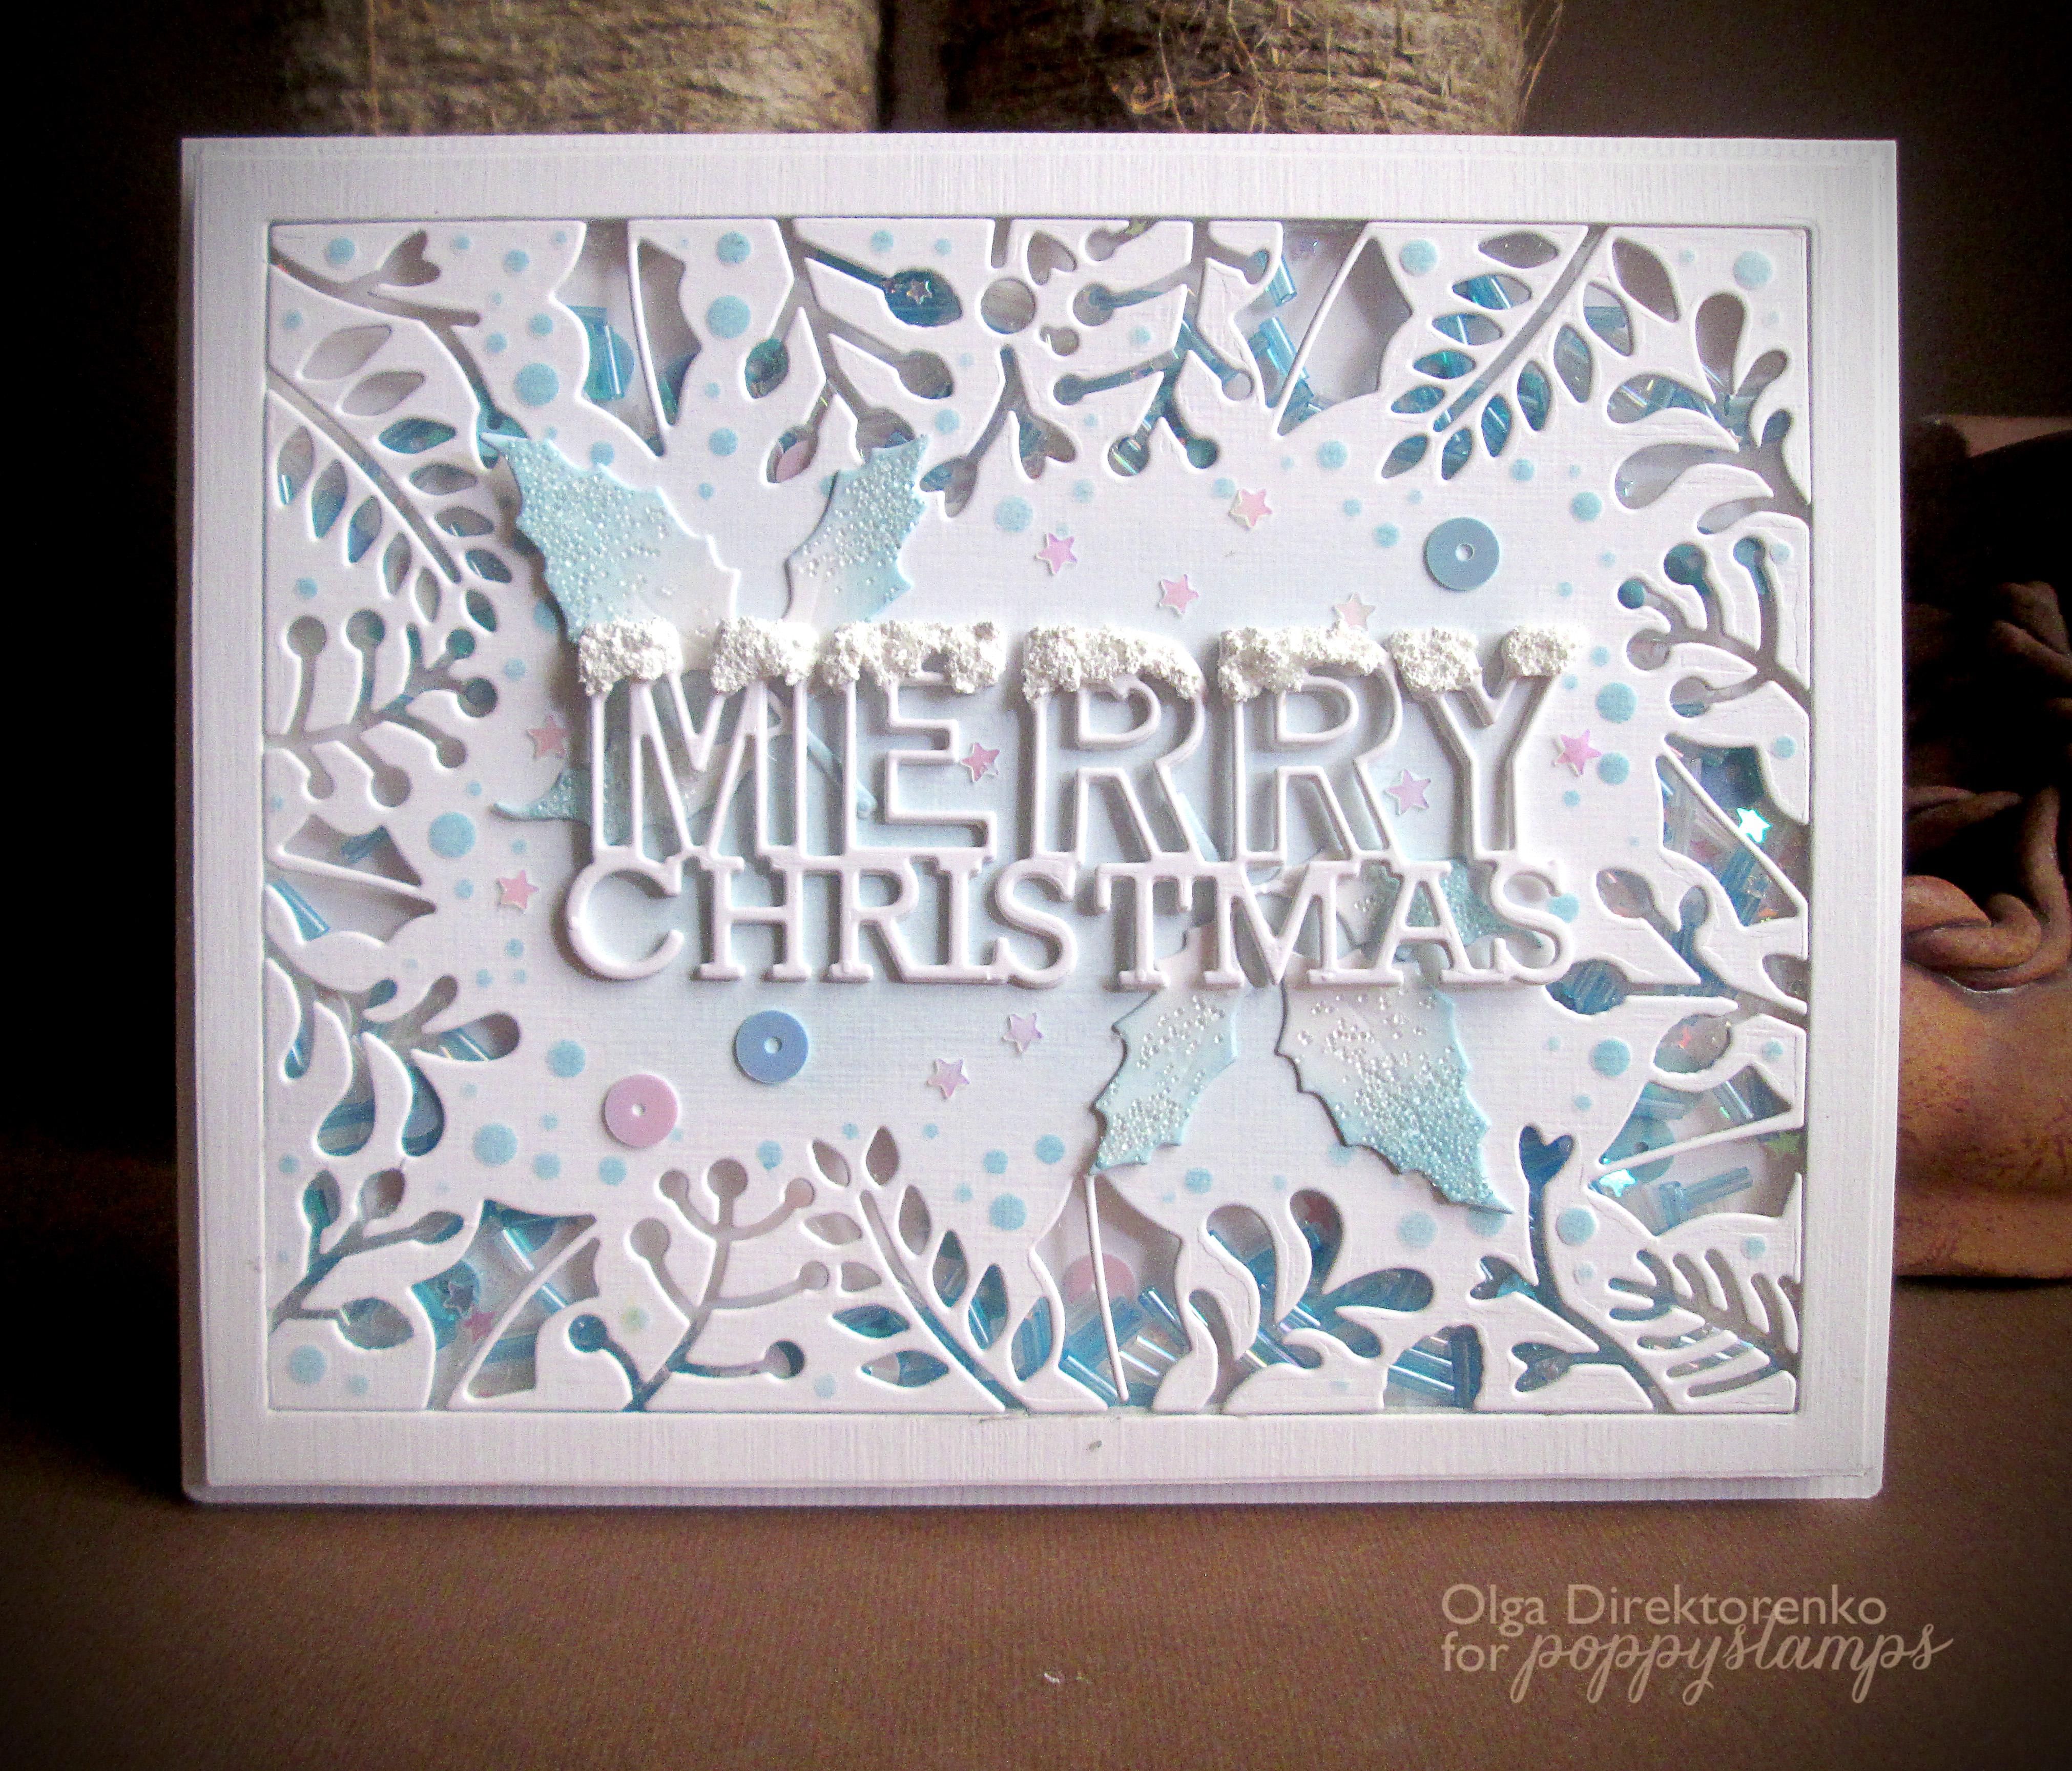 Страсть картинки, новогодние вырубки открытки